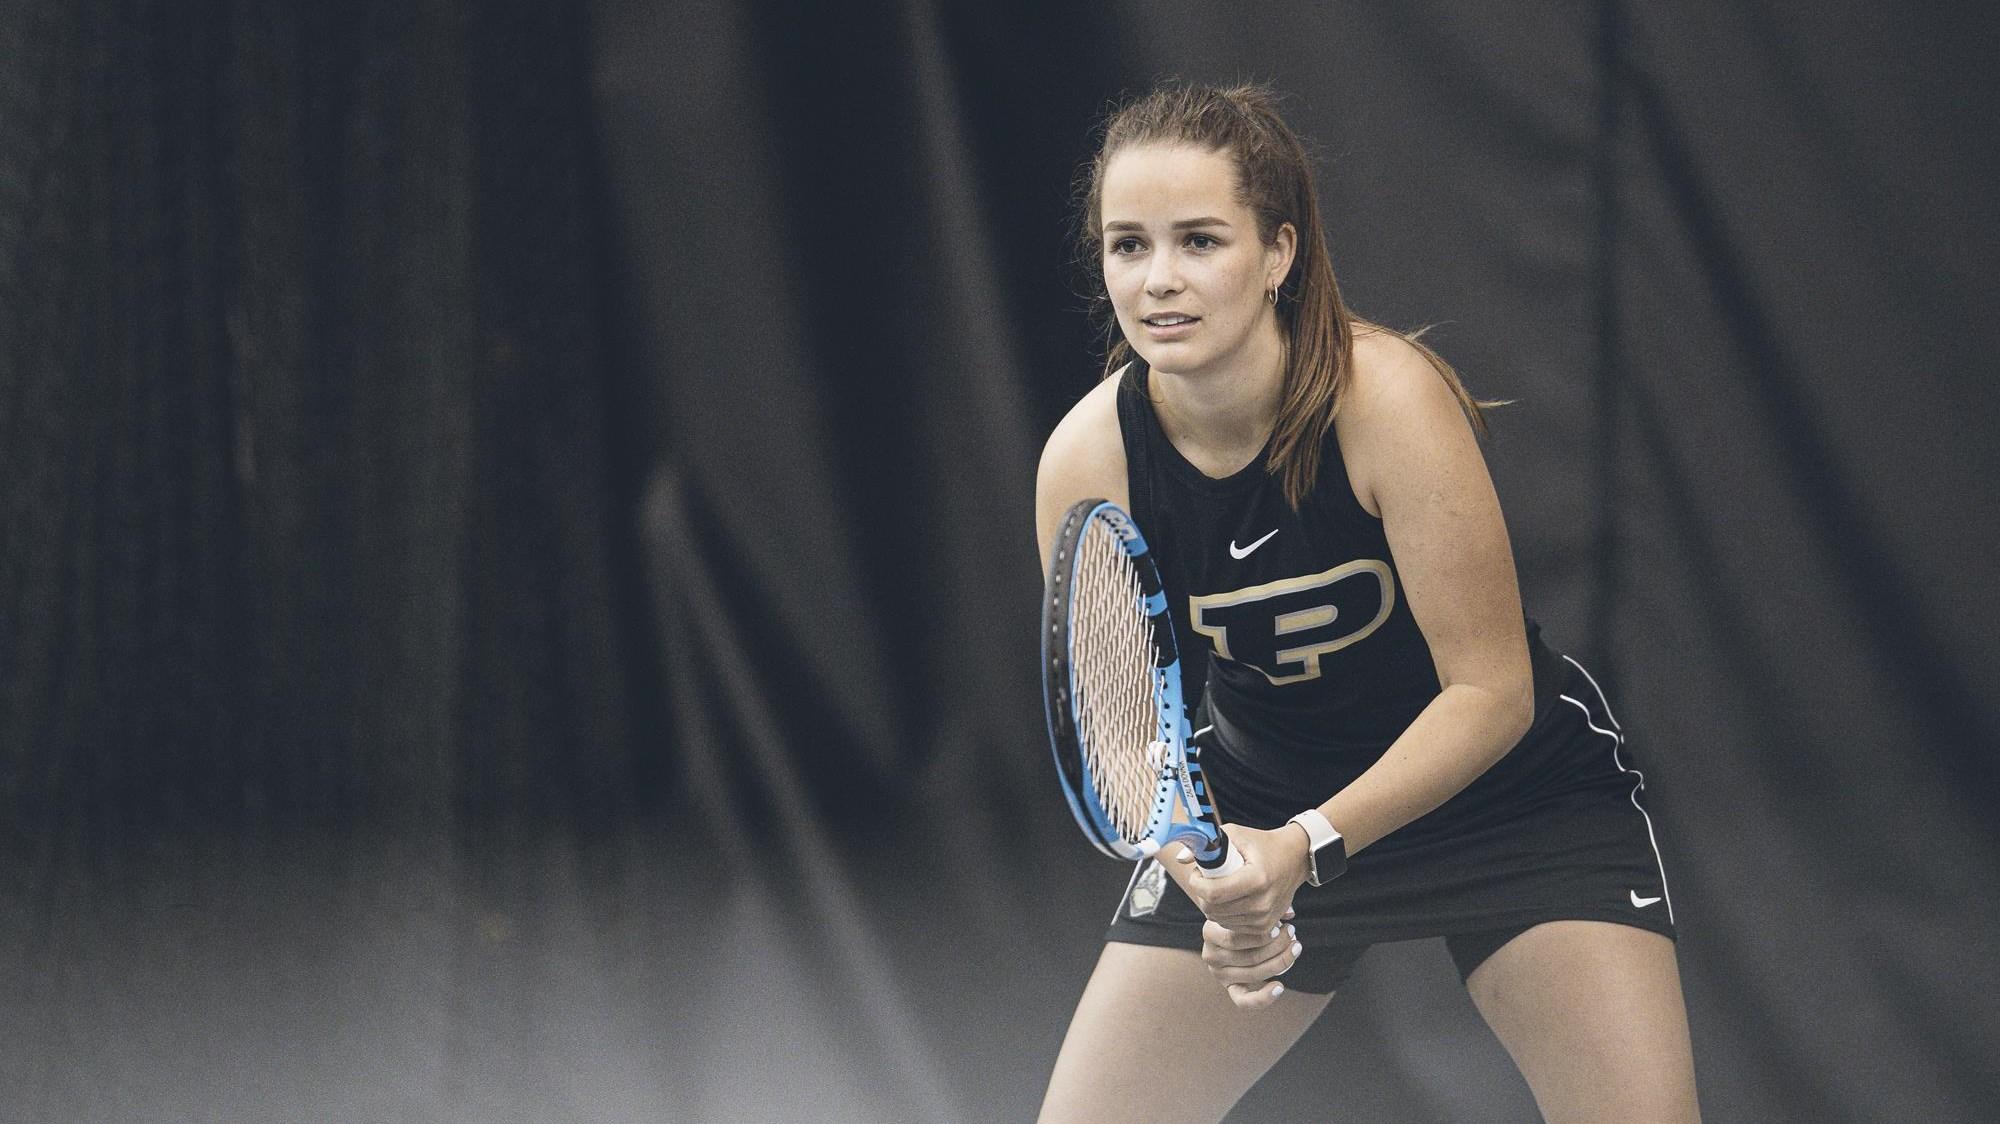 """PU0 7513 FullRes - Zala Dovnik: """"Zmotno je razmišljanje, da na ameriških univerzah ne moreš teniško napredovati in kasneje igrati profesionalno."""""""